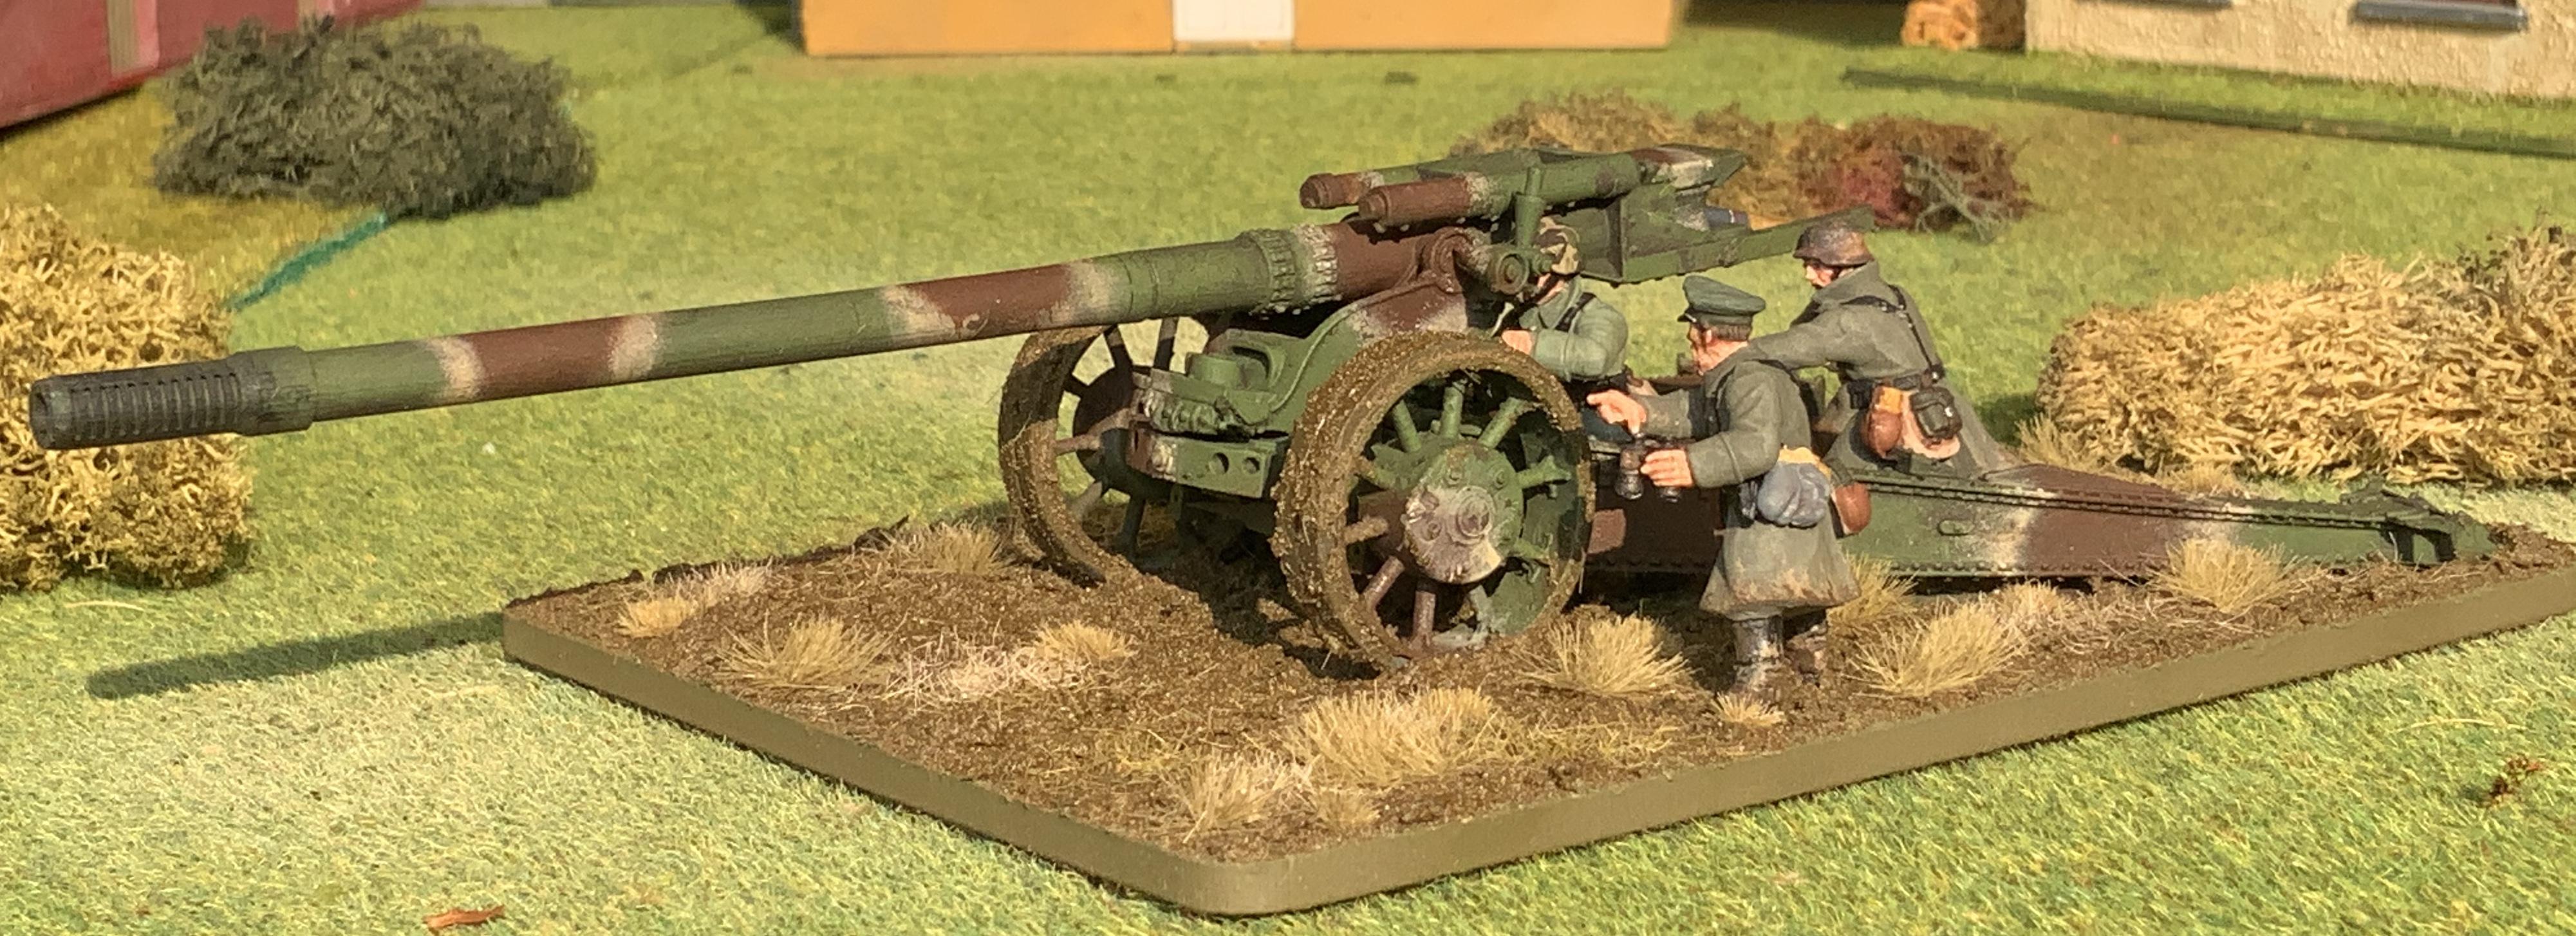 DID Dragon In Dreams 1:6TH échelle WW1 infanterie française baïonnette de Pascal